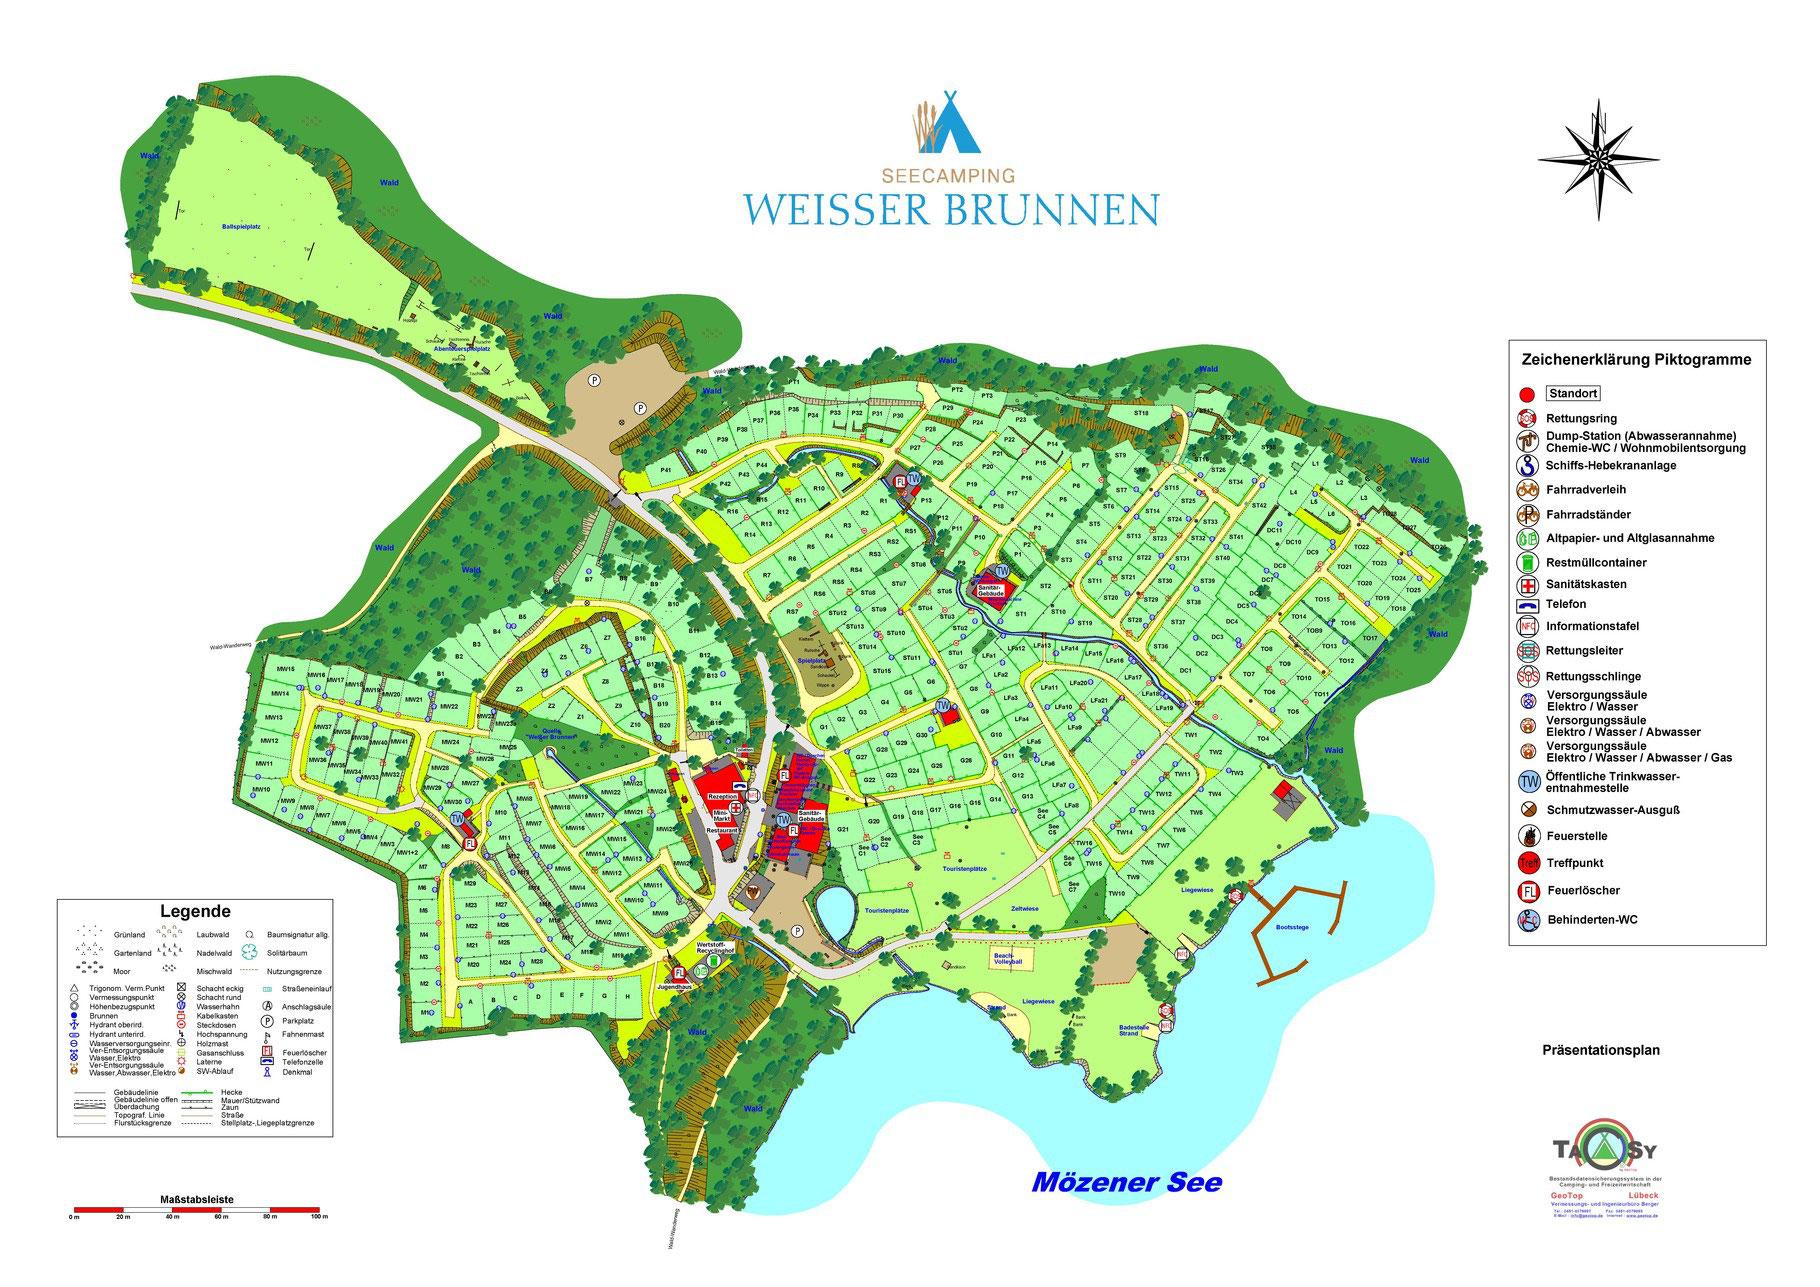 Platzplan Weisser Brunnen